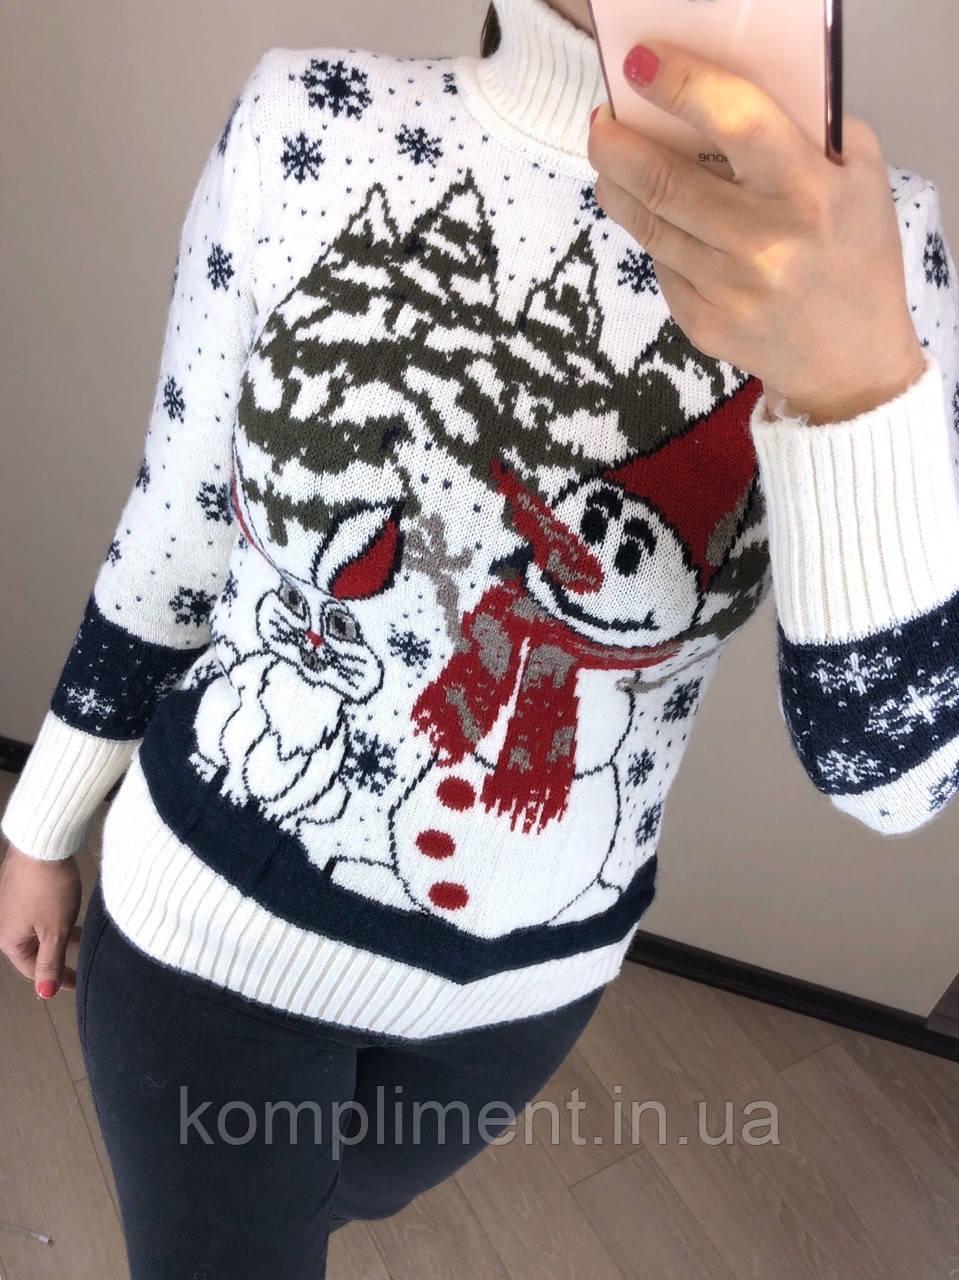 Шерстяной турецкий вязаный свитер с рисунком снеговик, белый